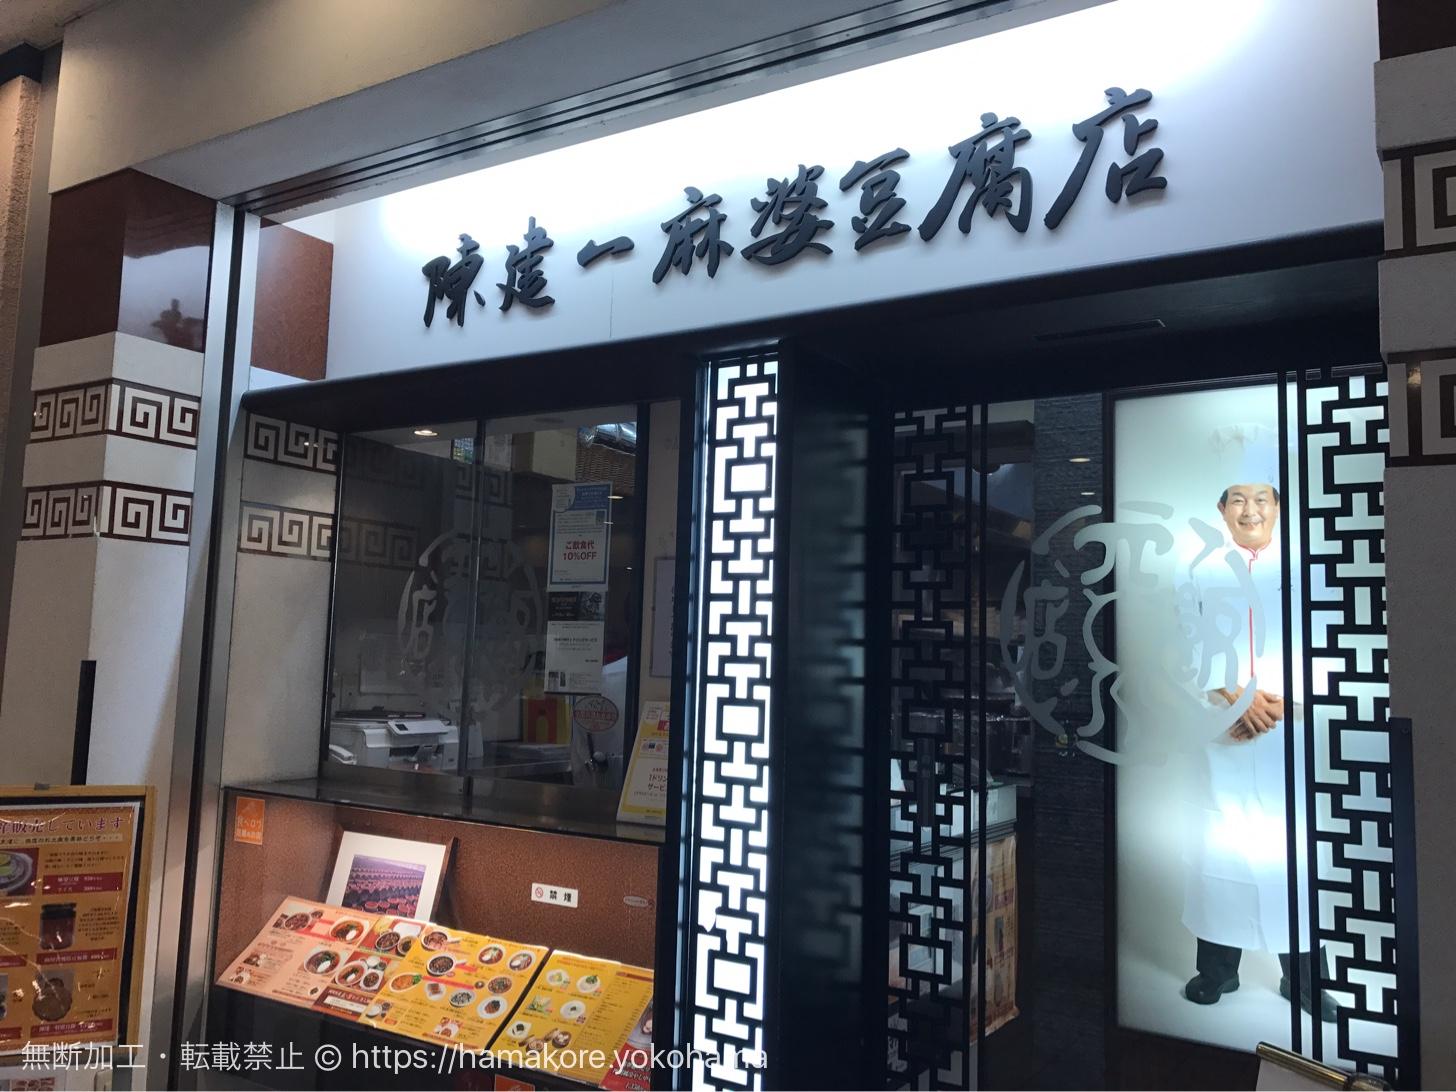 陳健一麻婆豆腐店 外観